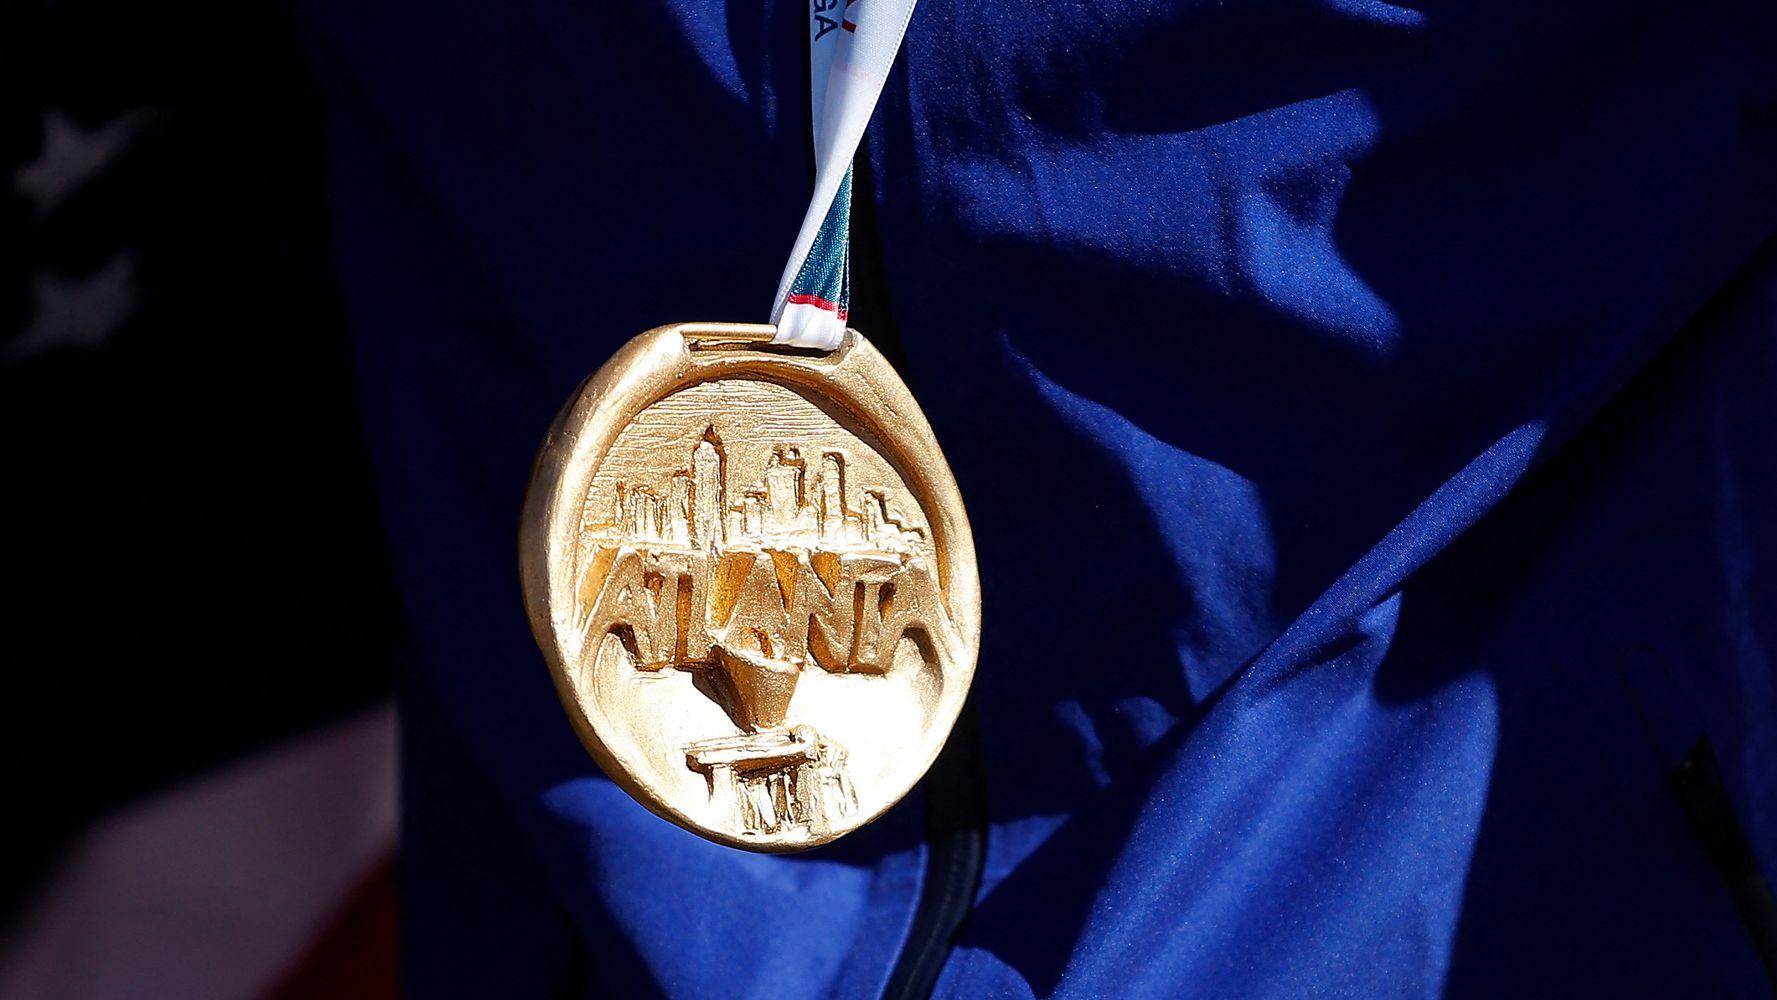 La médaille olympique de Sandra Forgues retrouvée par hasard sur une autoroute